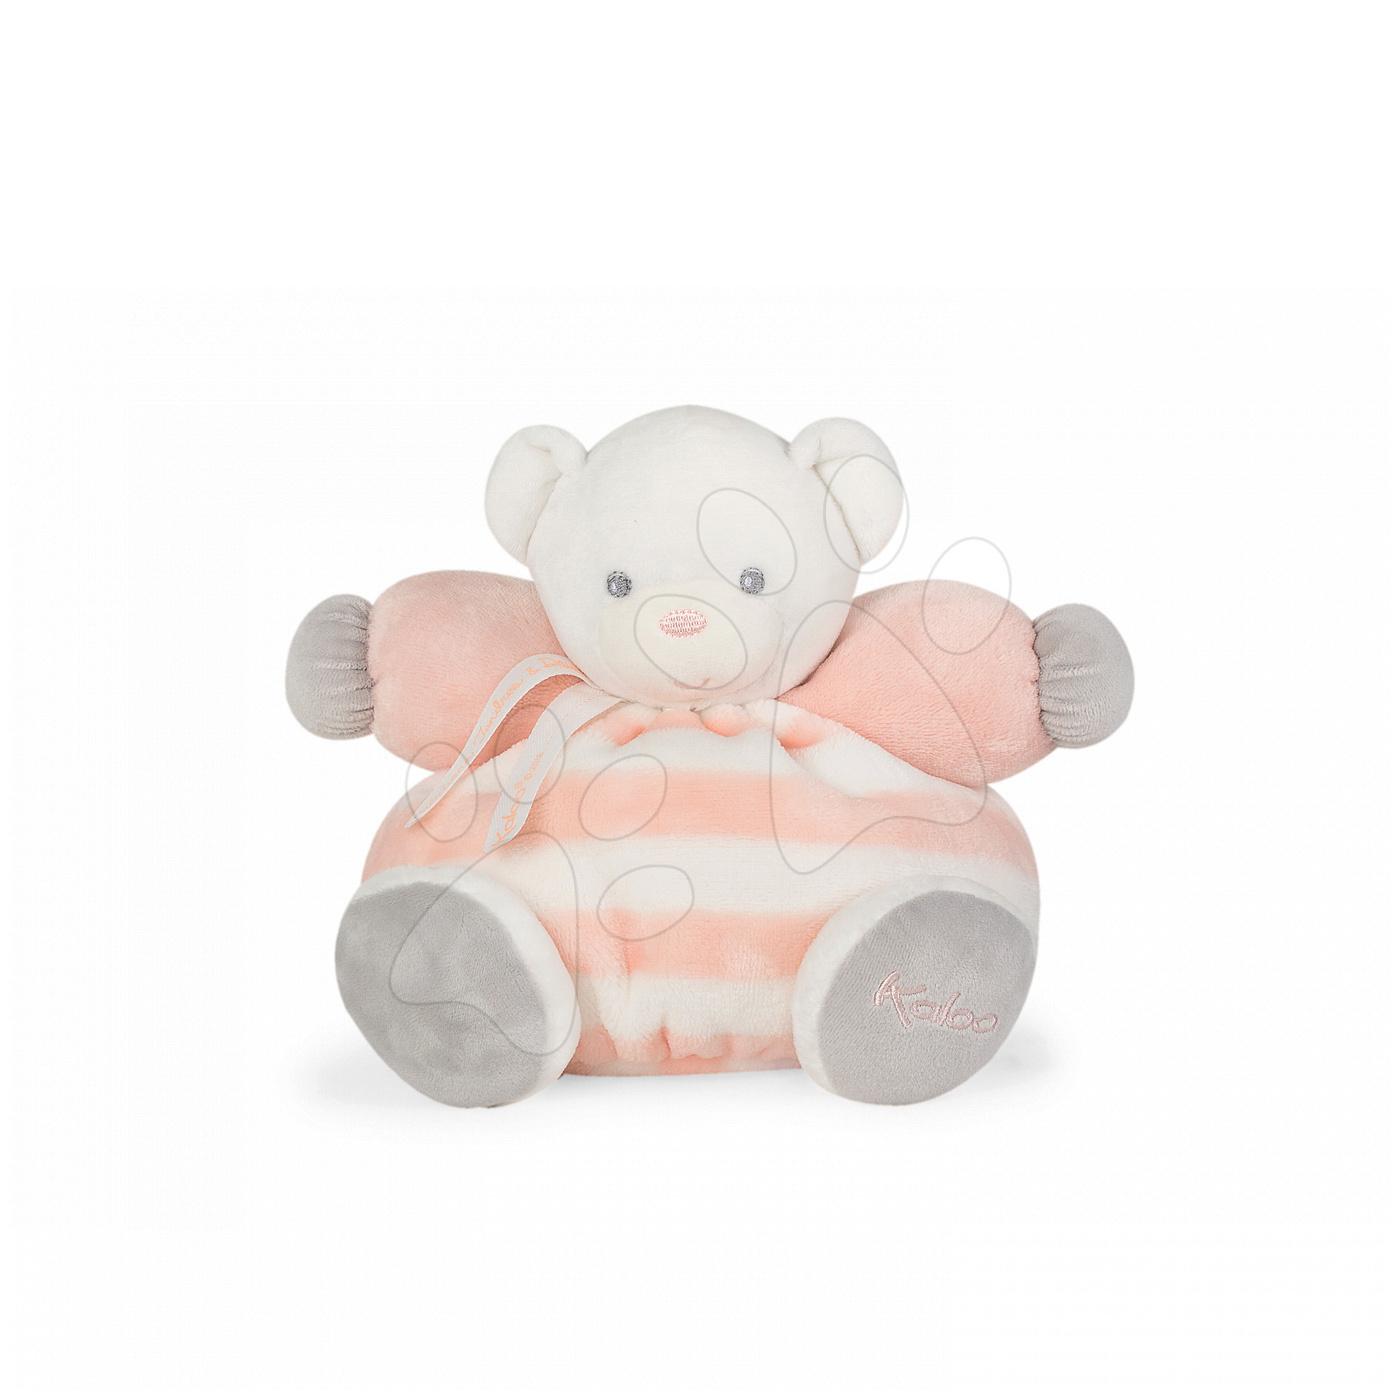 Kaloo plyšový medvedík Bebe Pastel Chubby 25 cm 960083 broskyňovo-krémový